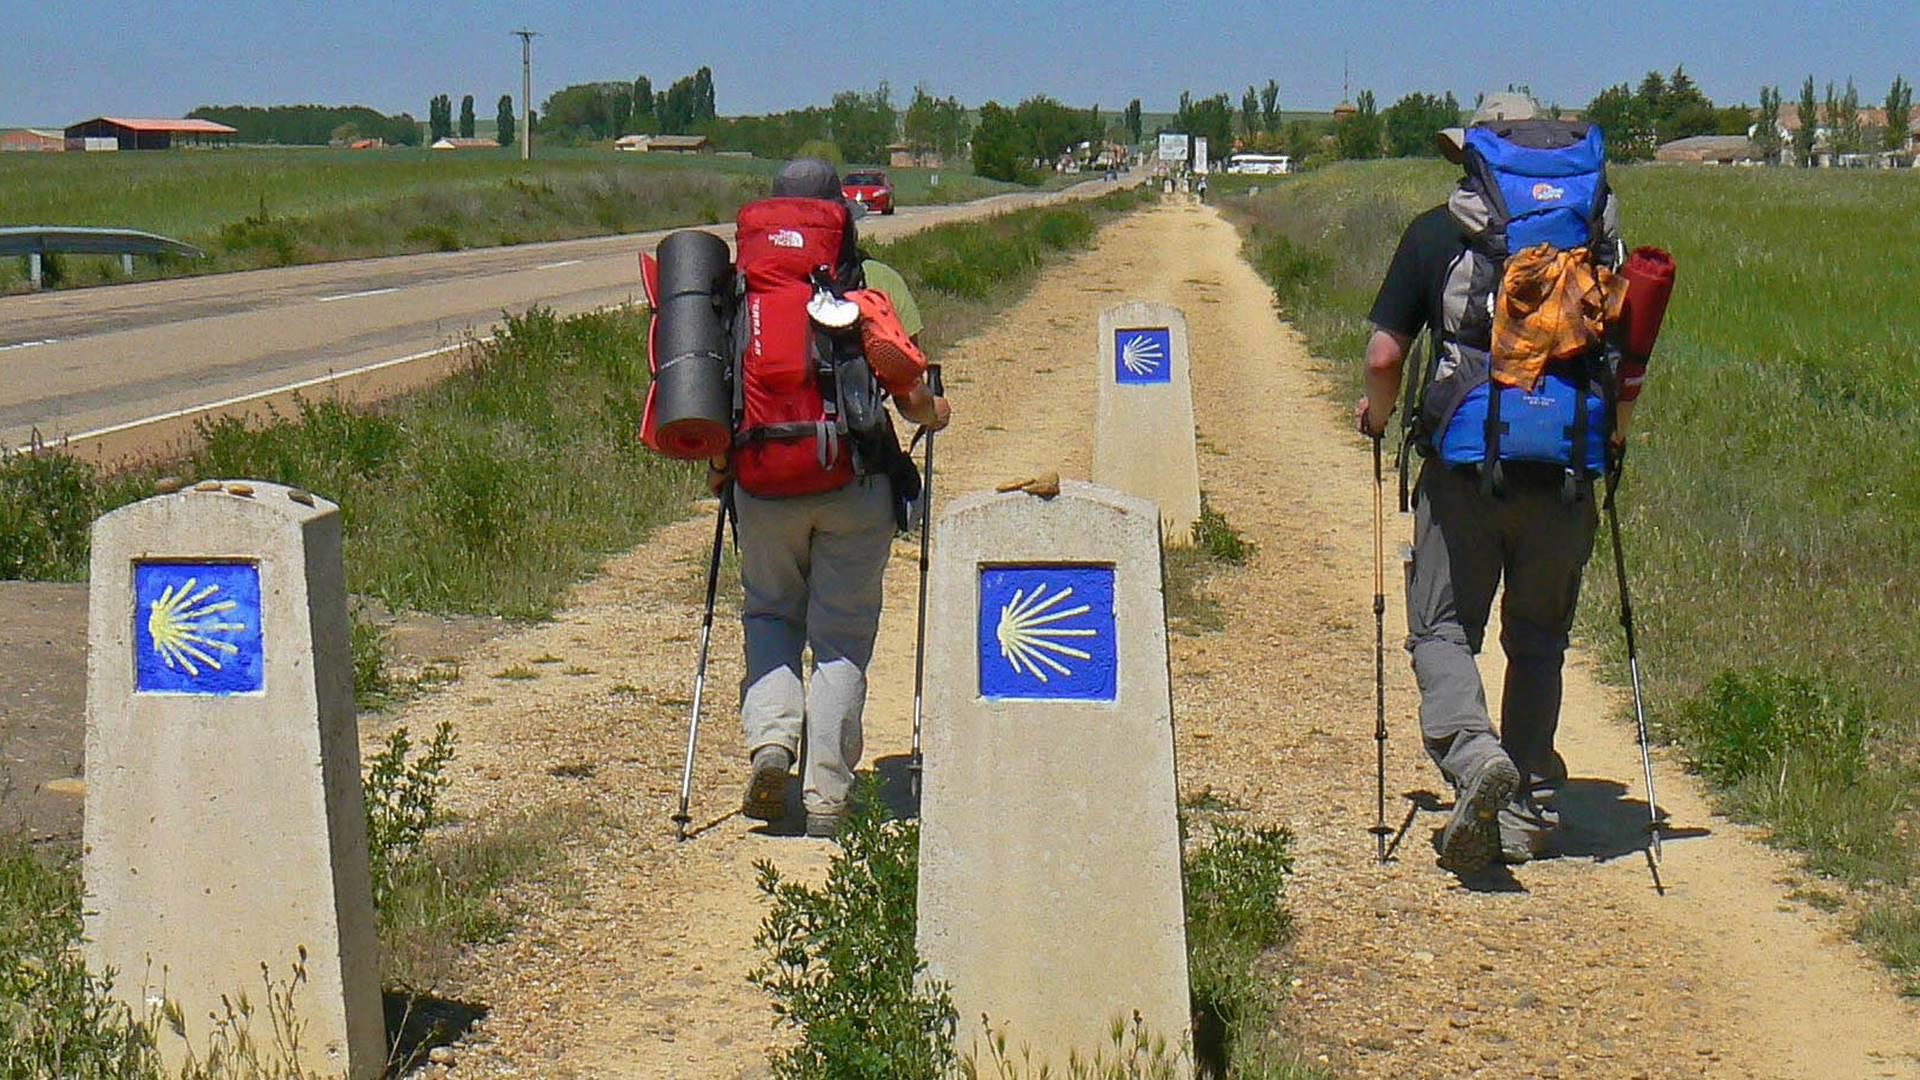 Camino Francés - Xacobeo Experience